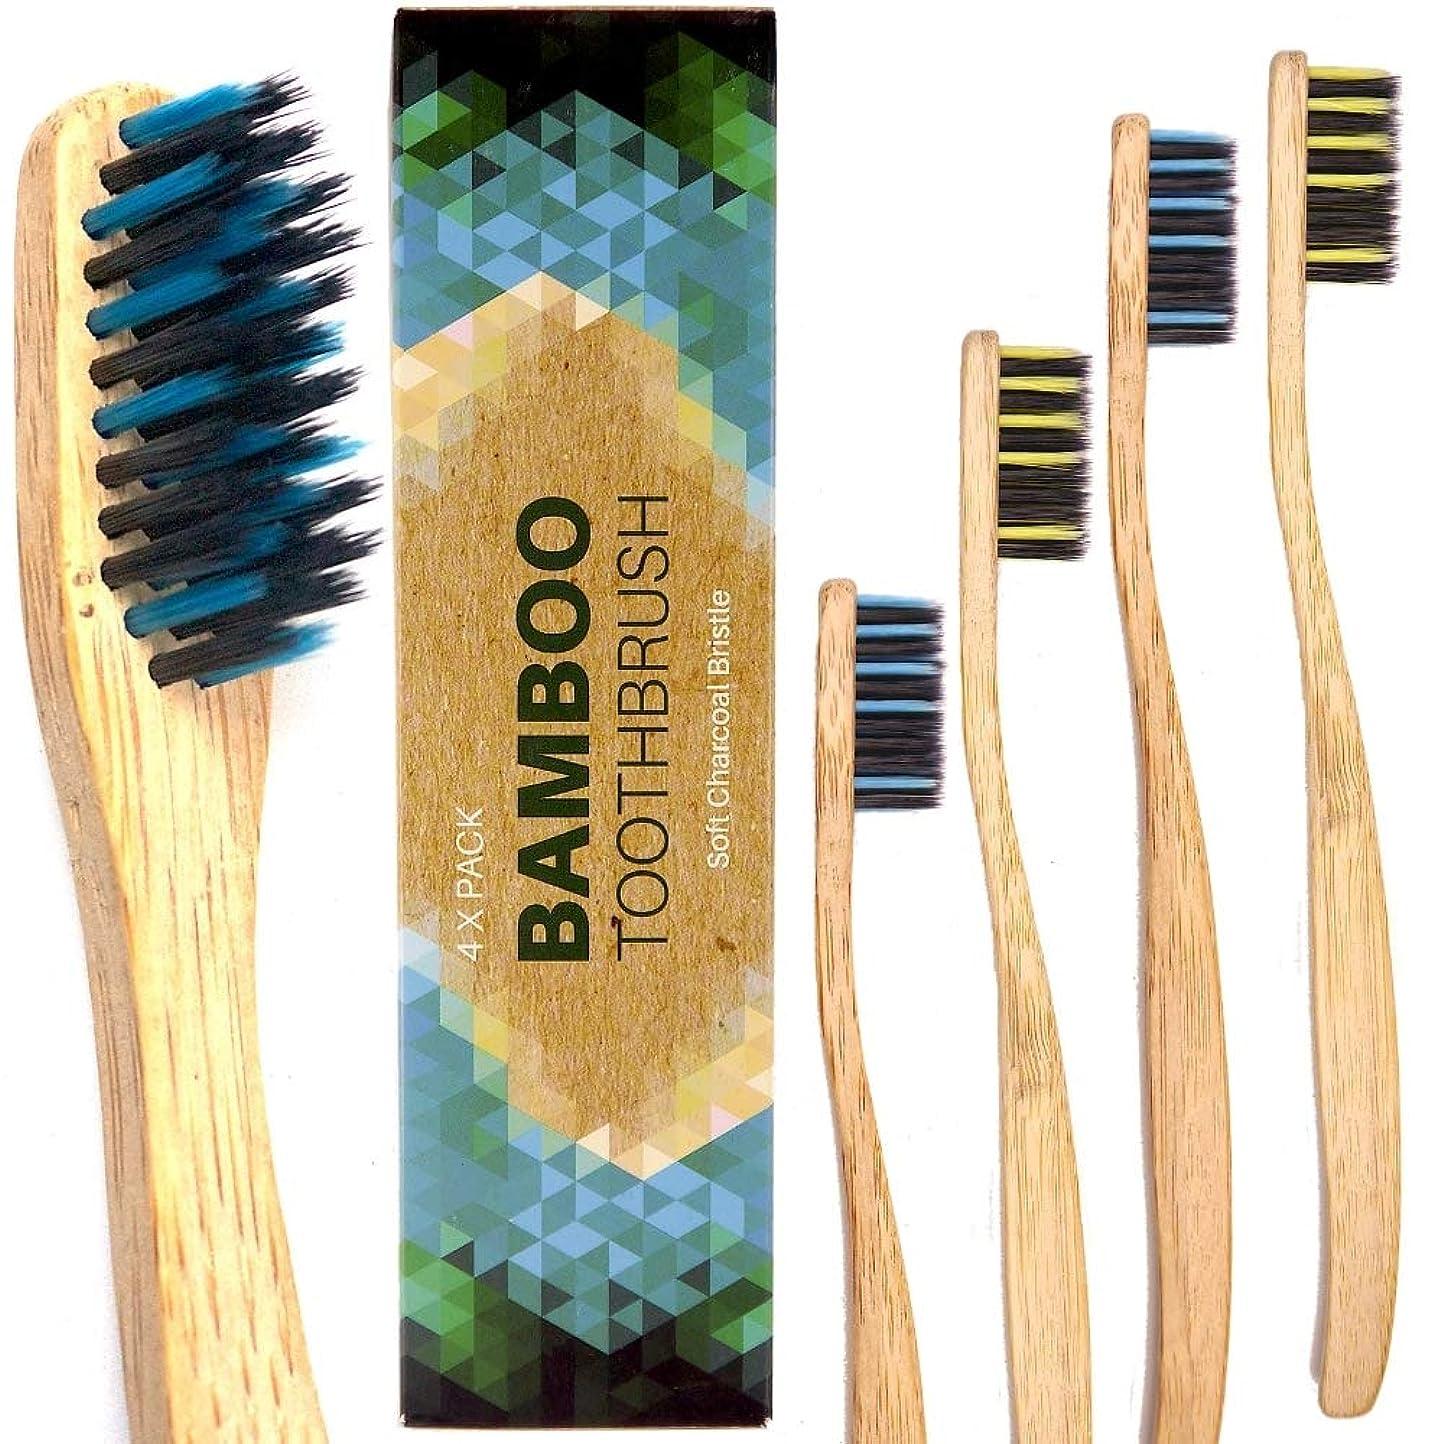 ウルルオーストラリア去る竹製歯ブラシ。チャコールブリストル大人 - ミディアム及びソフト、生分解性、ビーガン、バイオ、エコ、持続可能な木製ハンドル4本パック4 Bamboo Toothbrushes, ホワイトニング 歯, ドイツの品質, 竹歯ブラシ